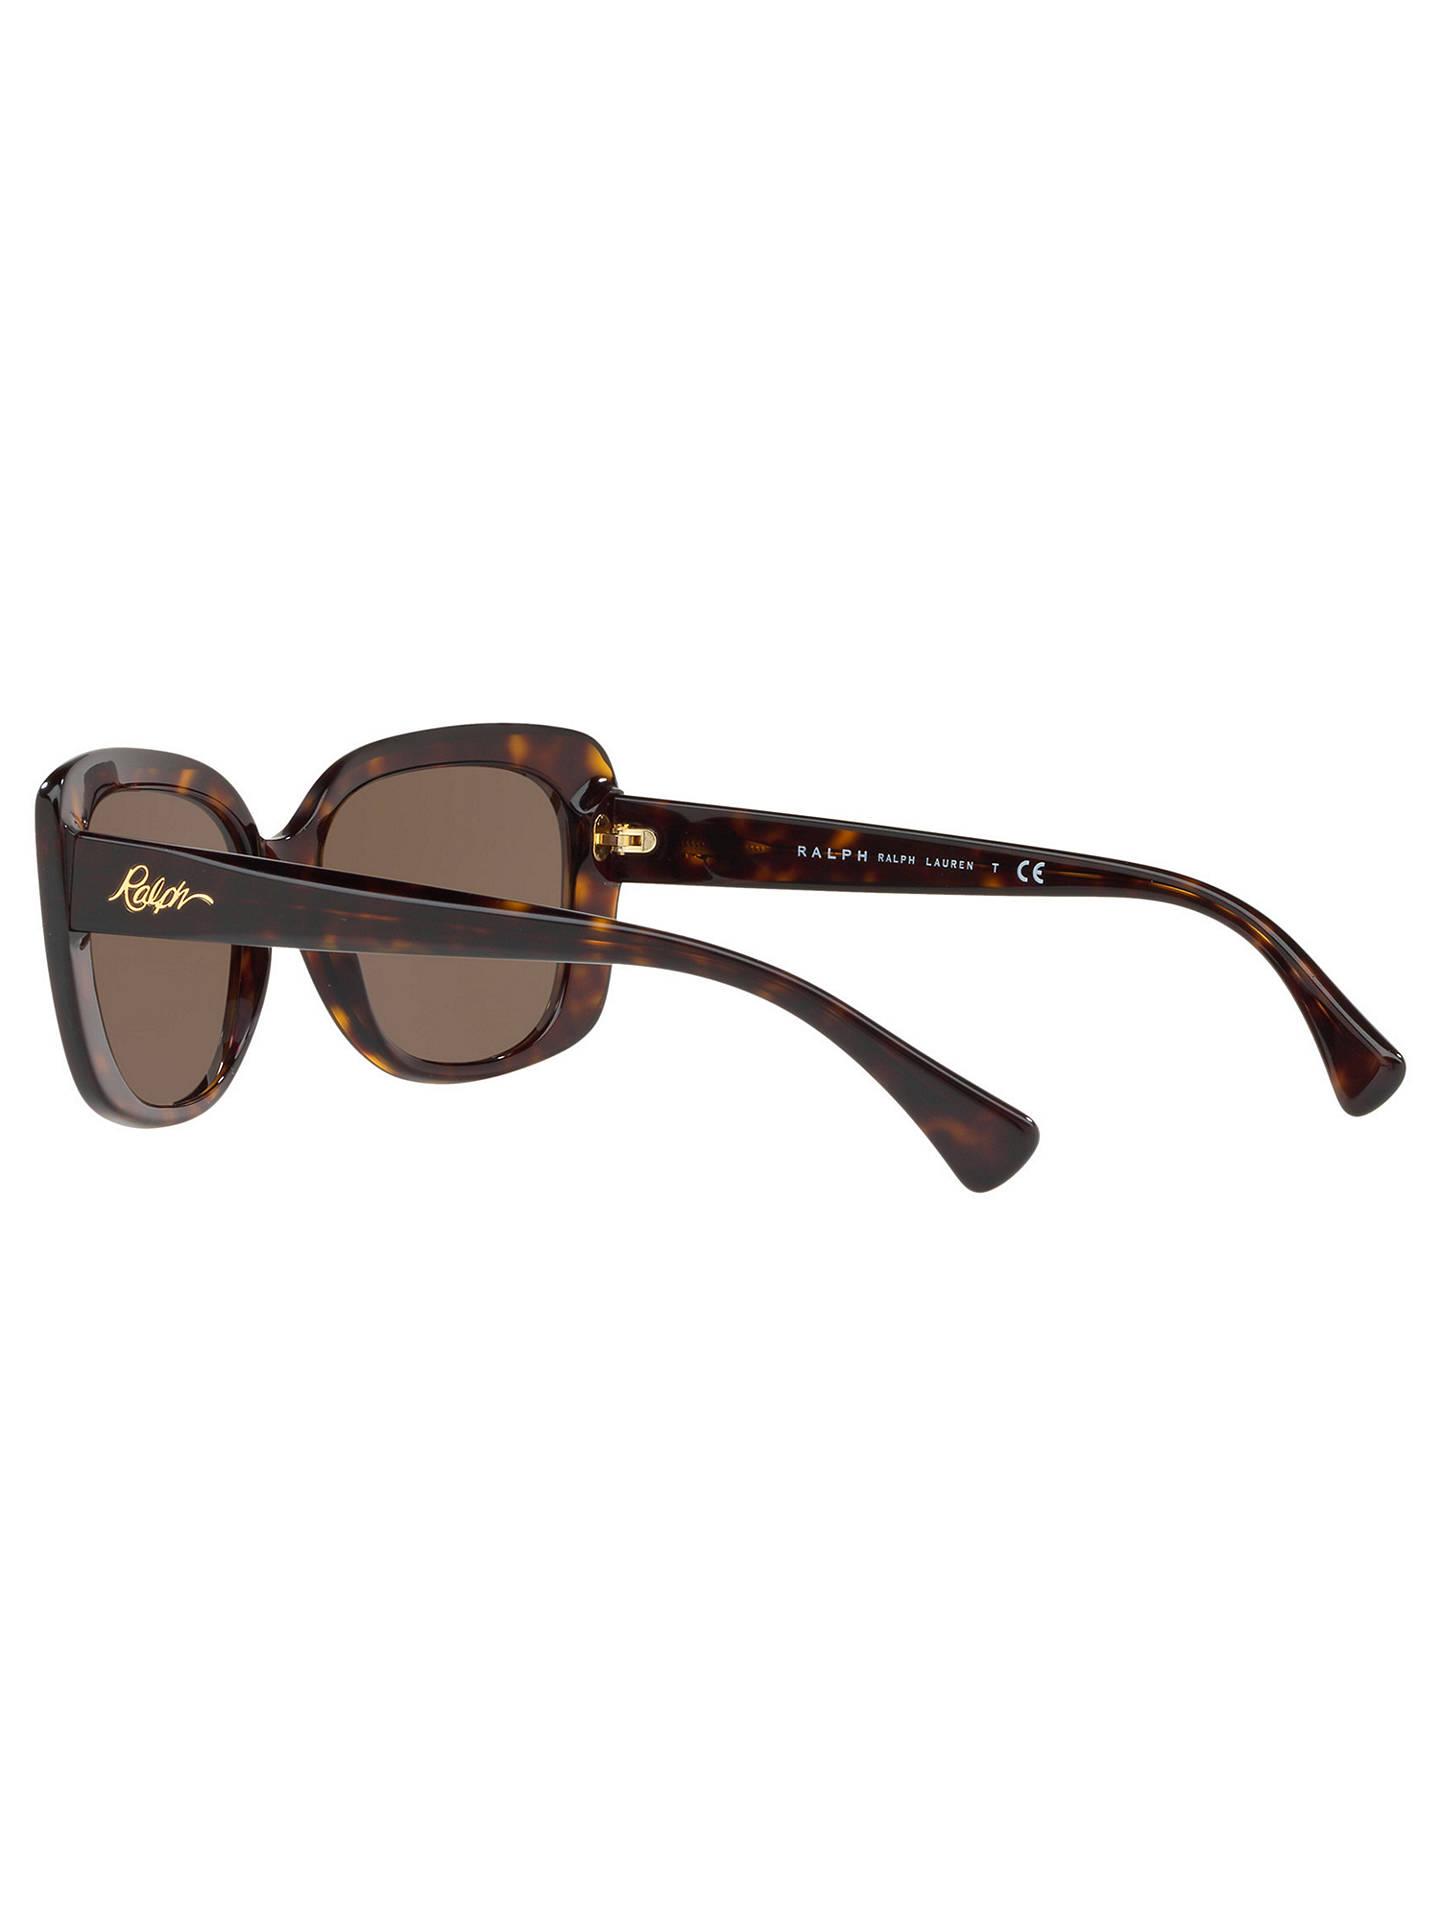 Ralph Lauren RA5241 Women\'s Square Framed Sunglasses, Tortoise/Brown ...